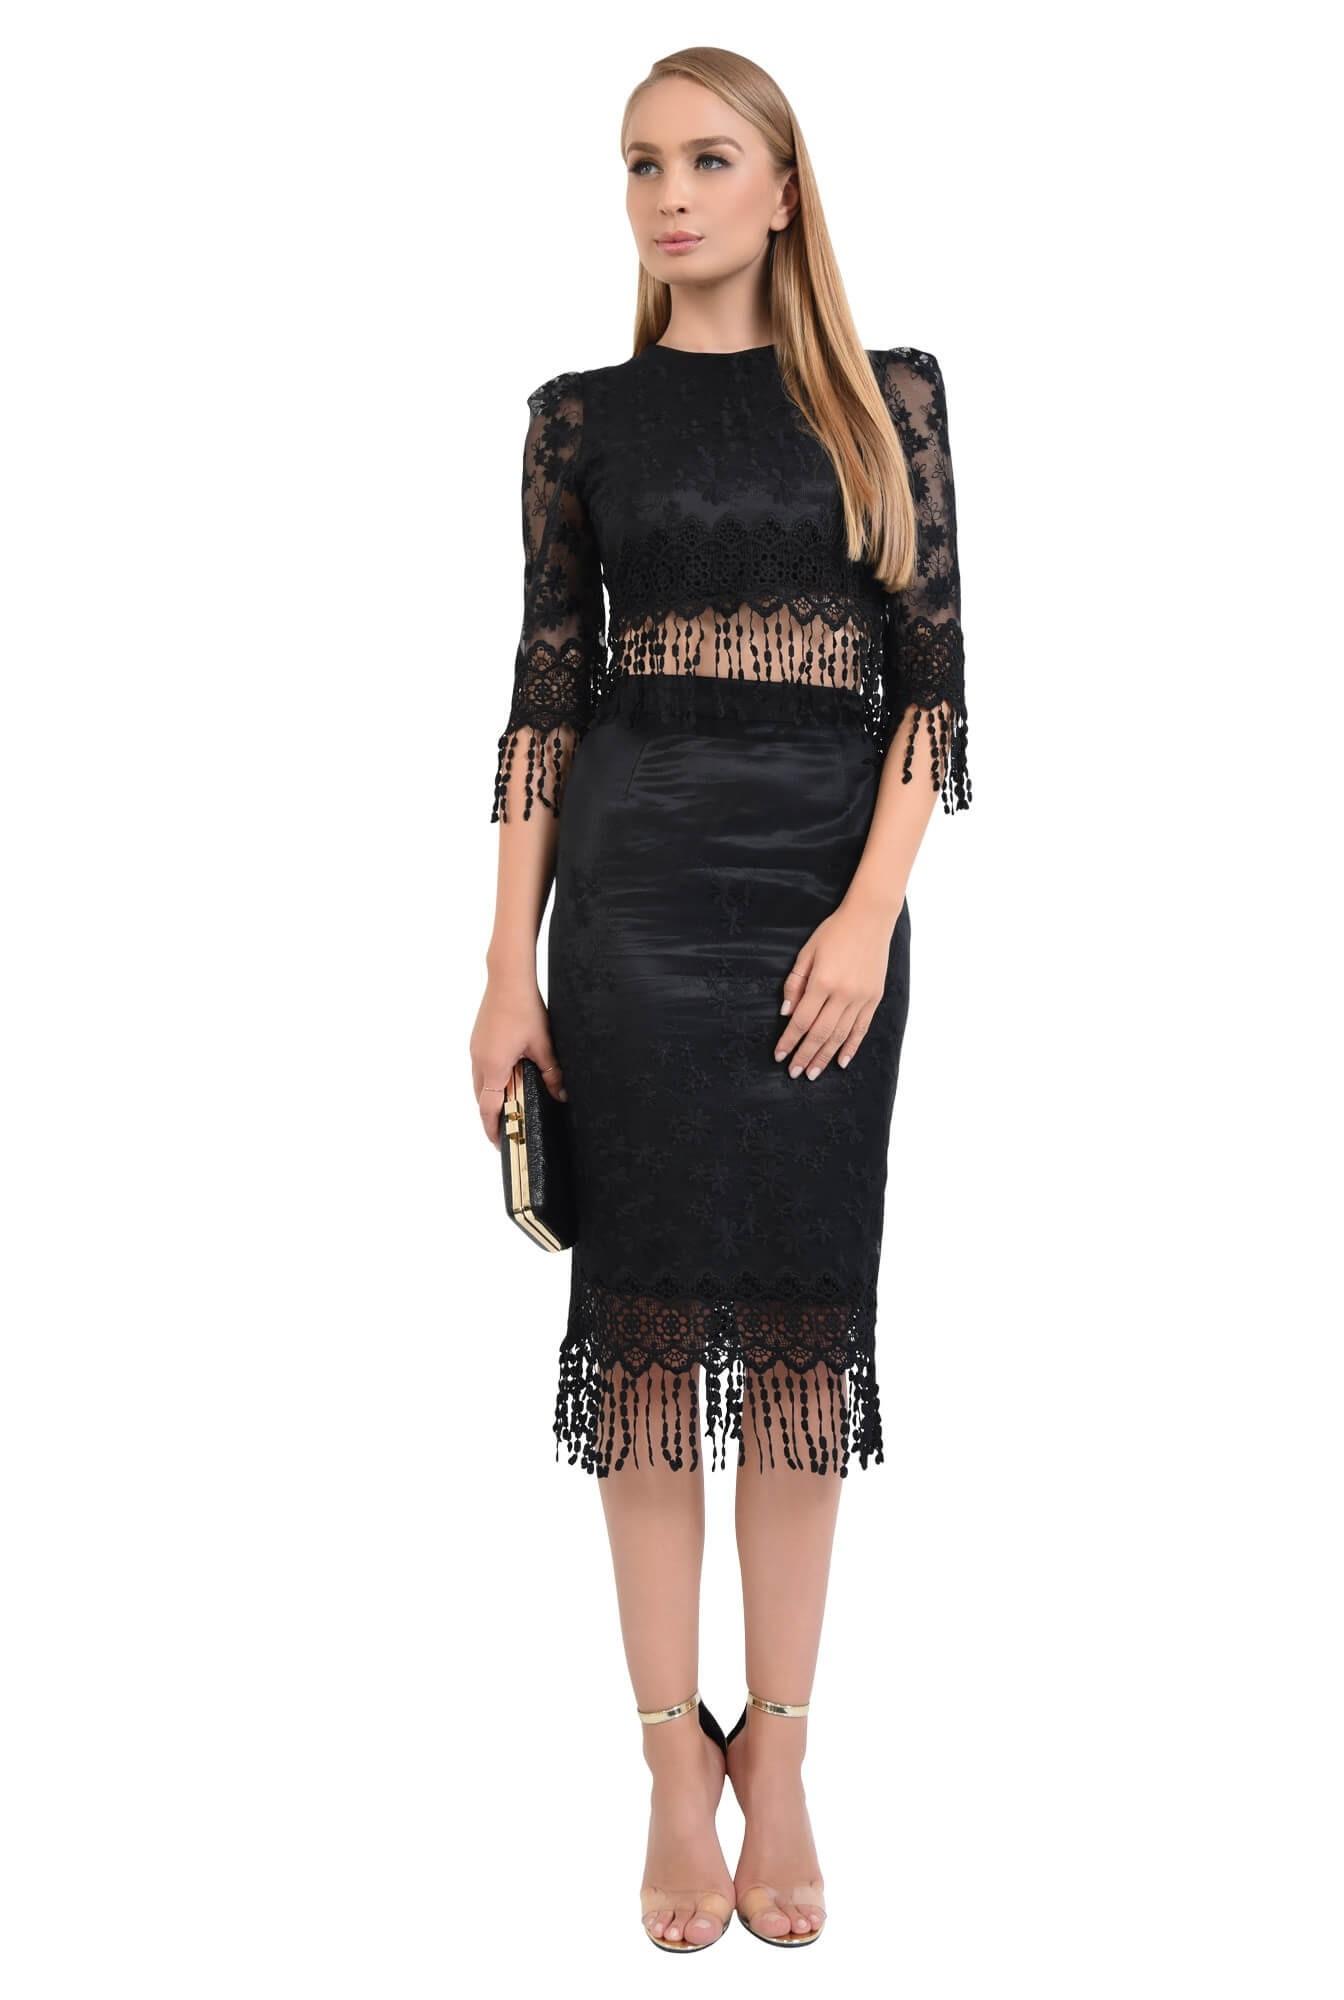 bluza eleganta, cropped top, dantela, negru